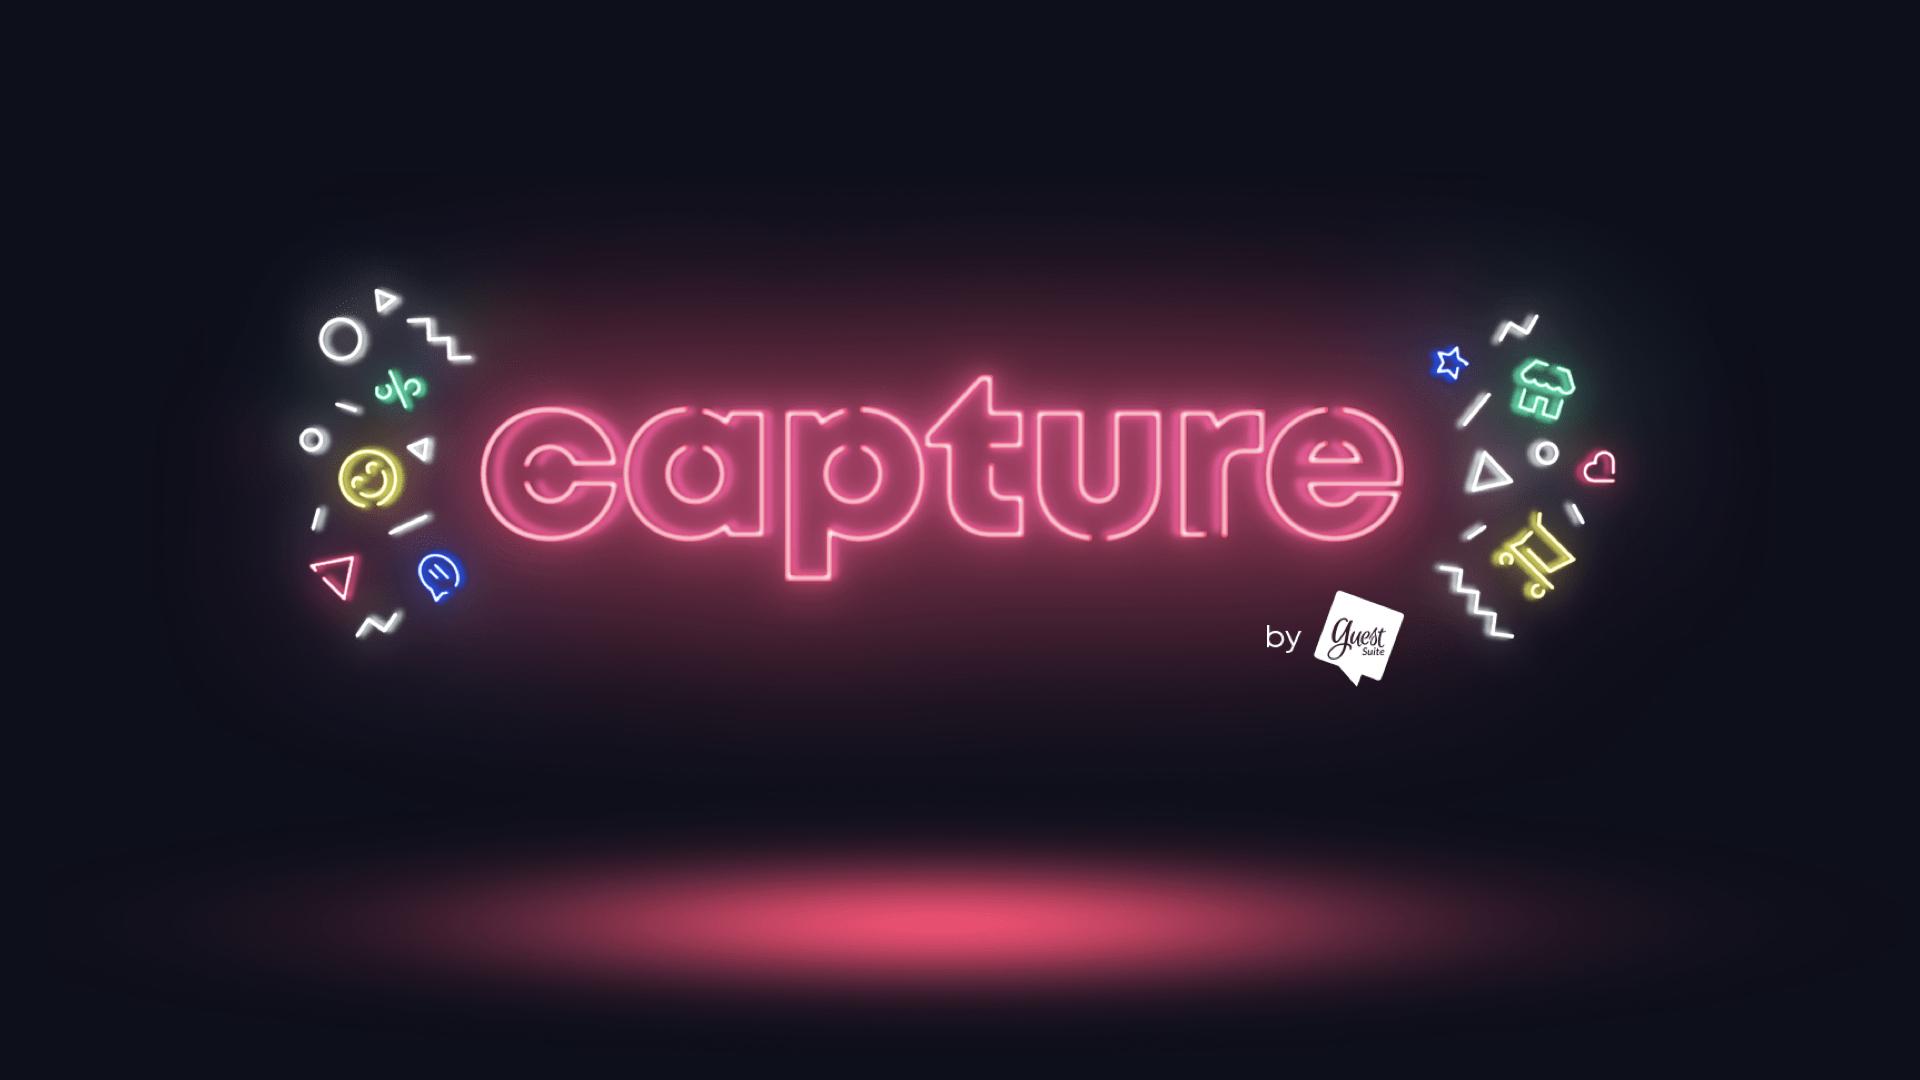 captureheader.001